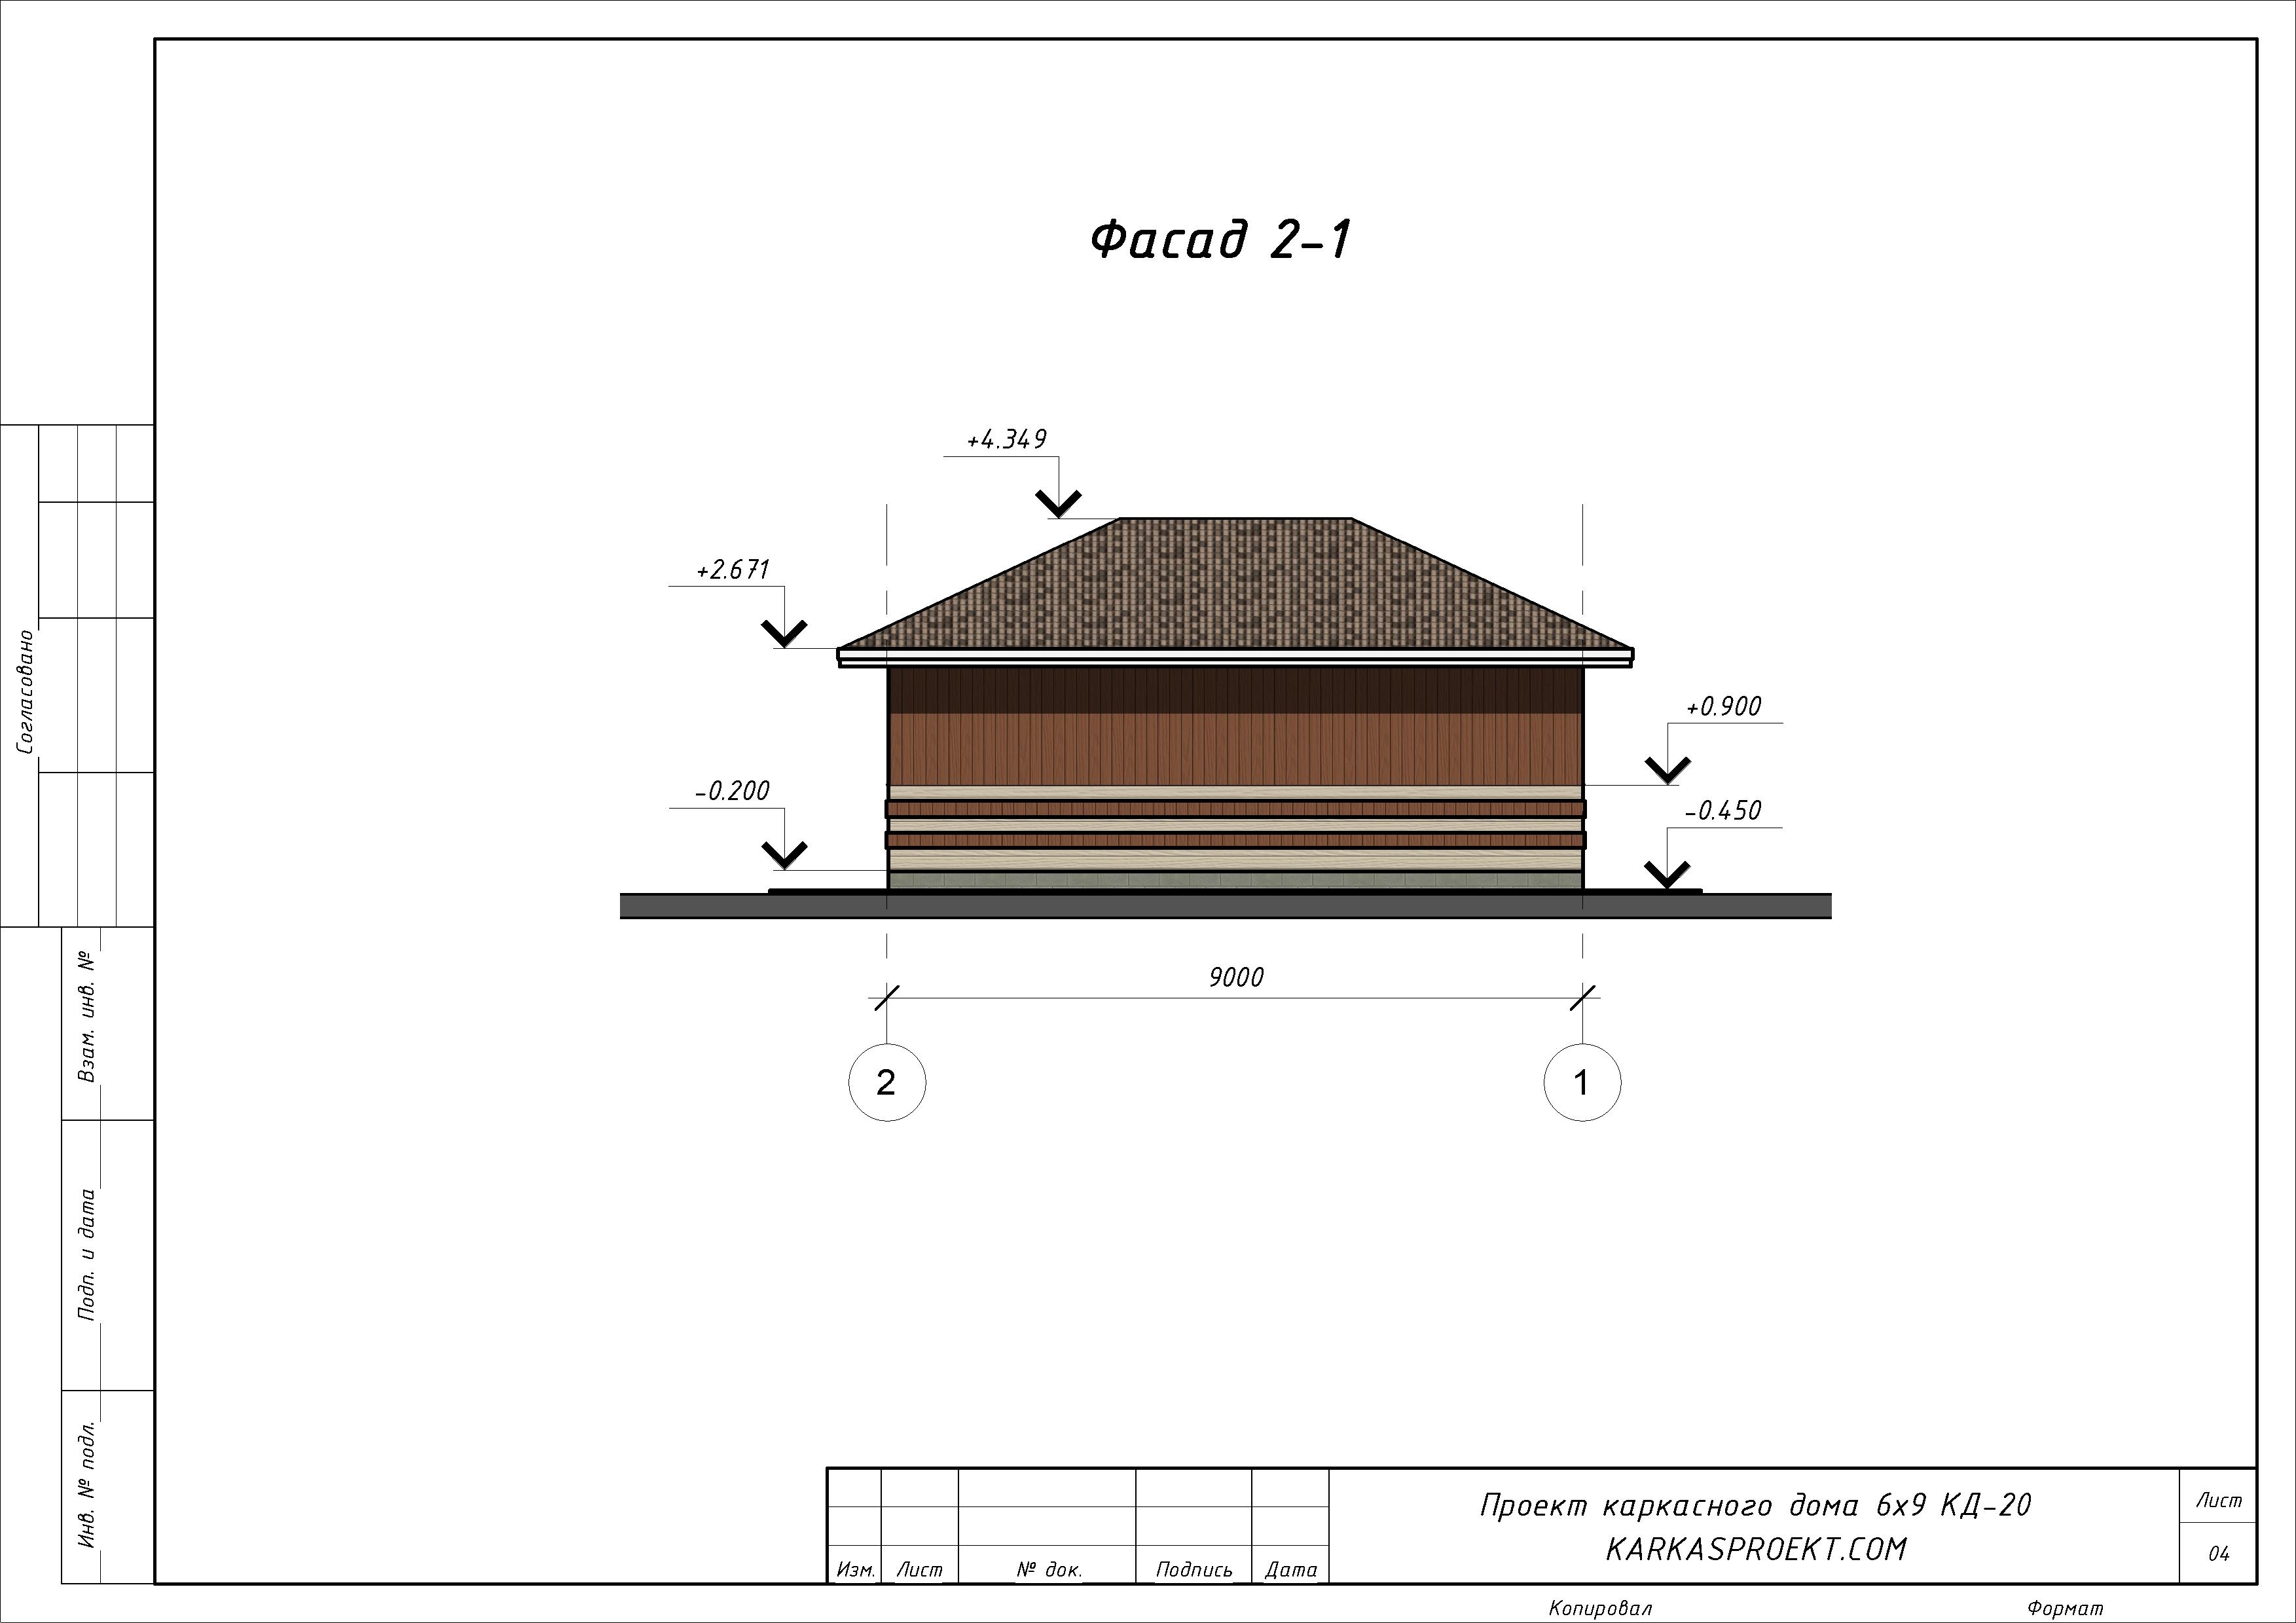 КД-20 - Фасад 2-1